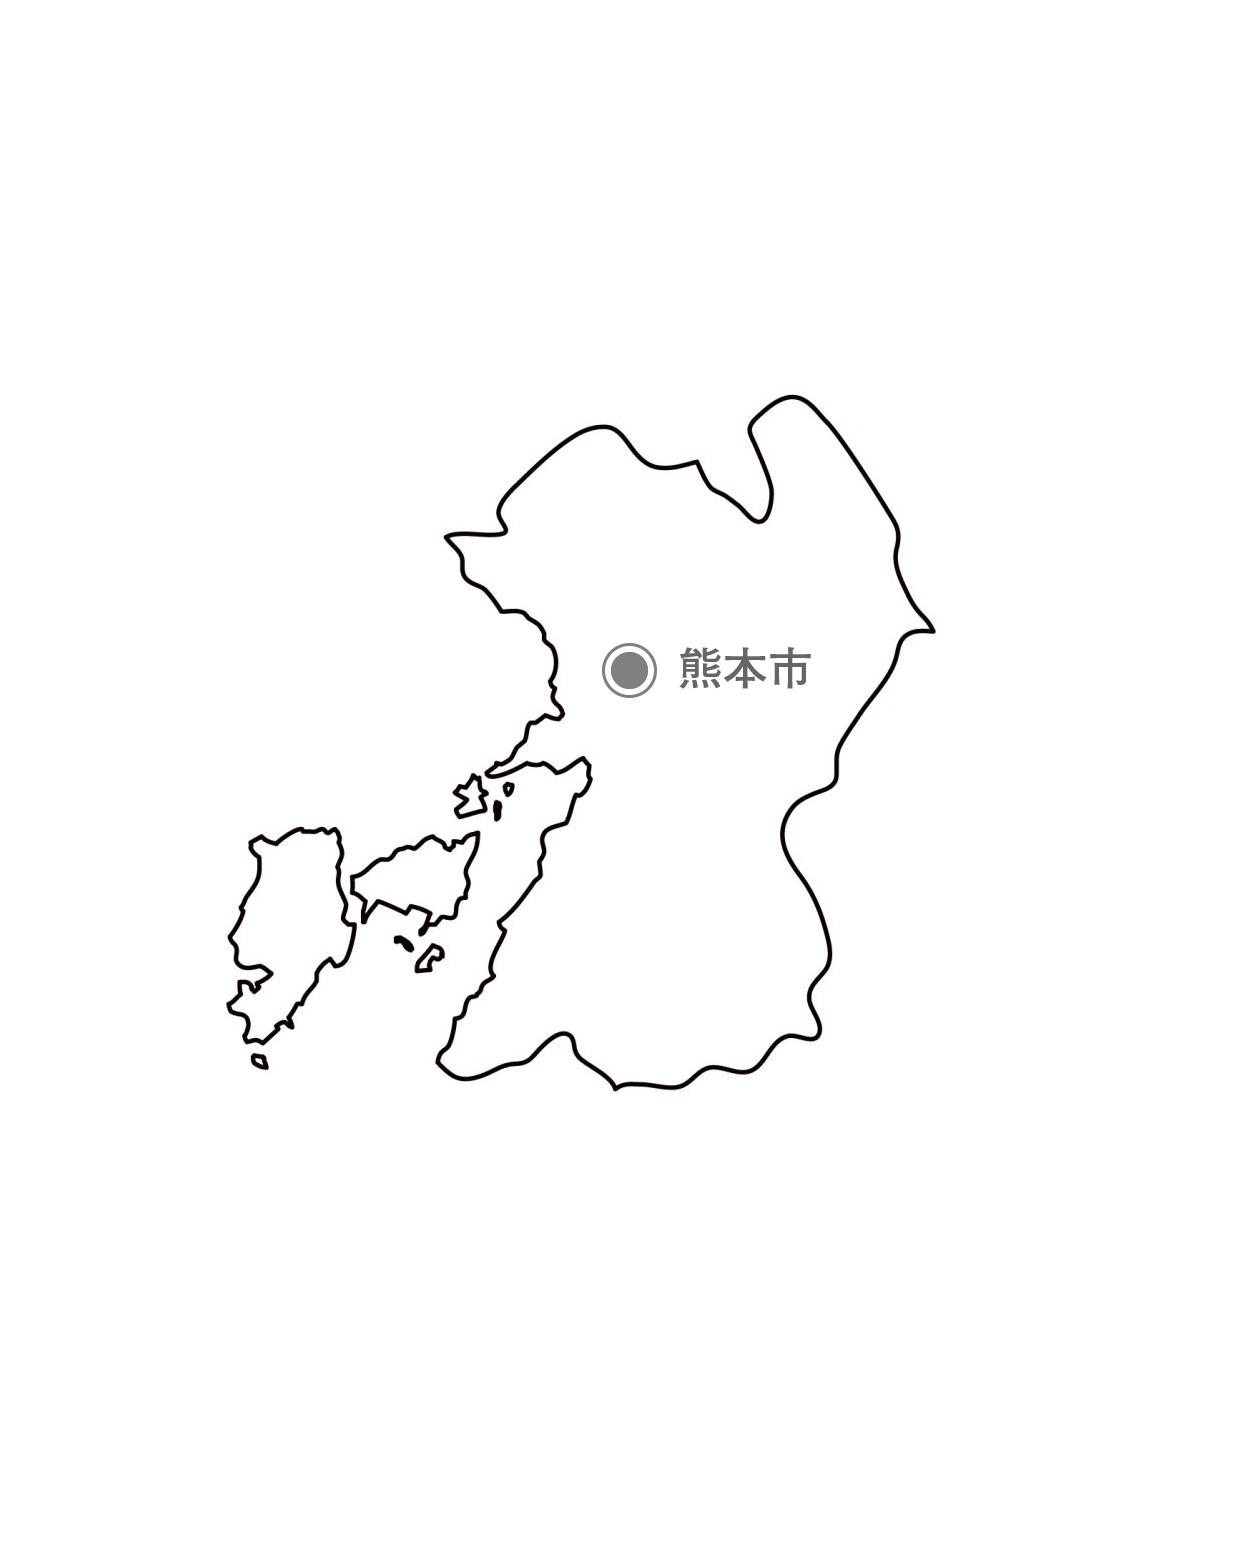 [白地図]熊本県・都道府県名・県庁所在地あり